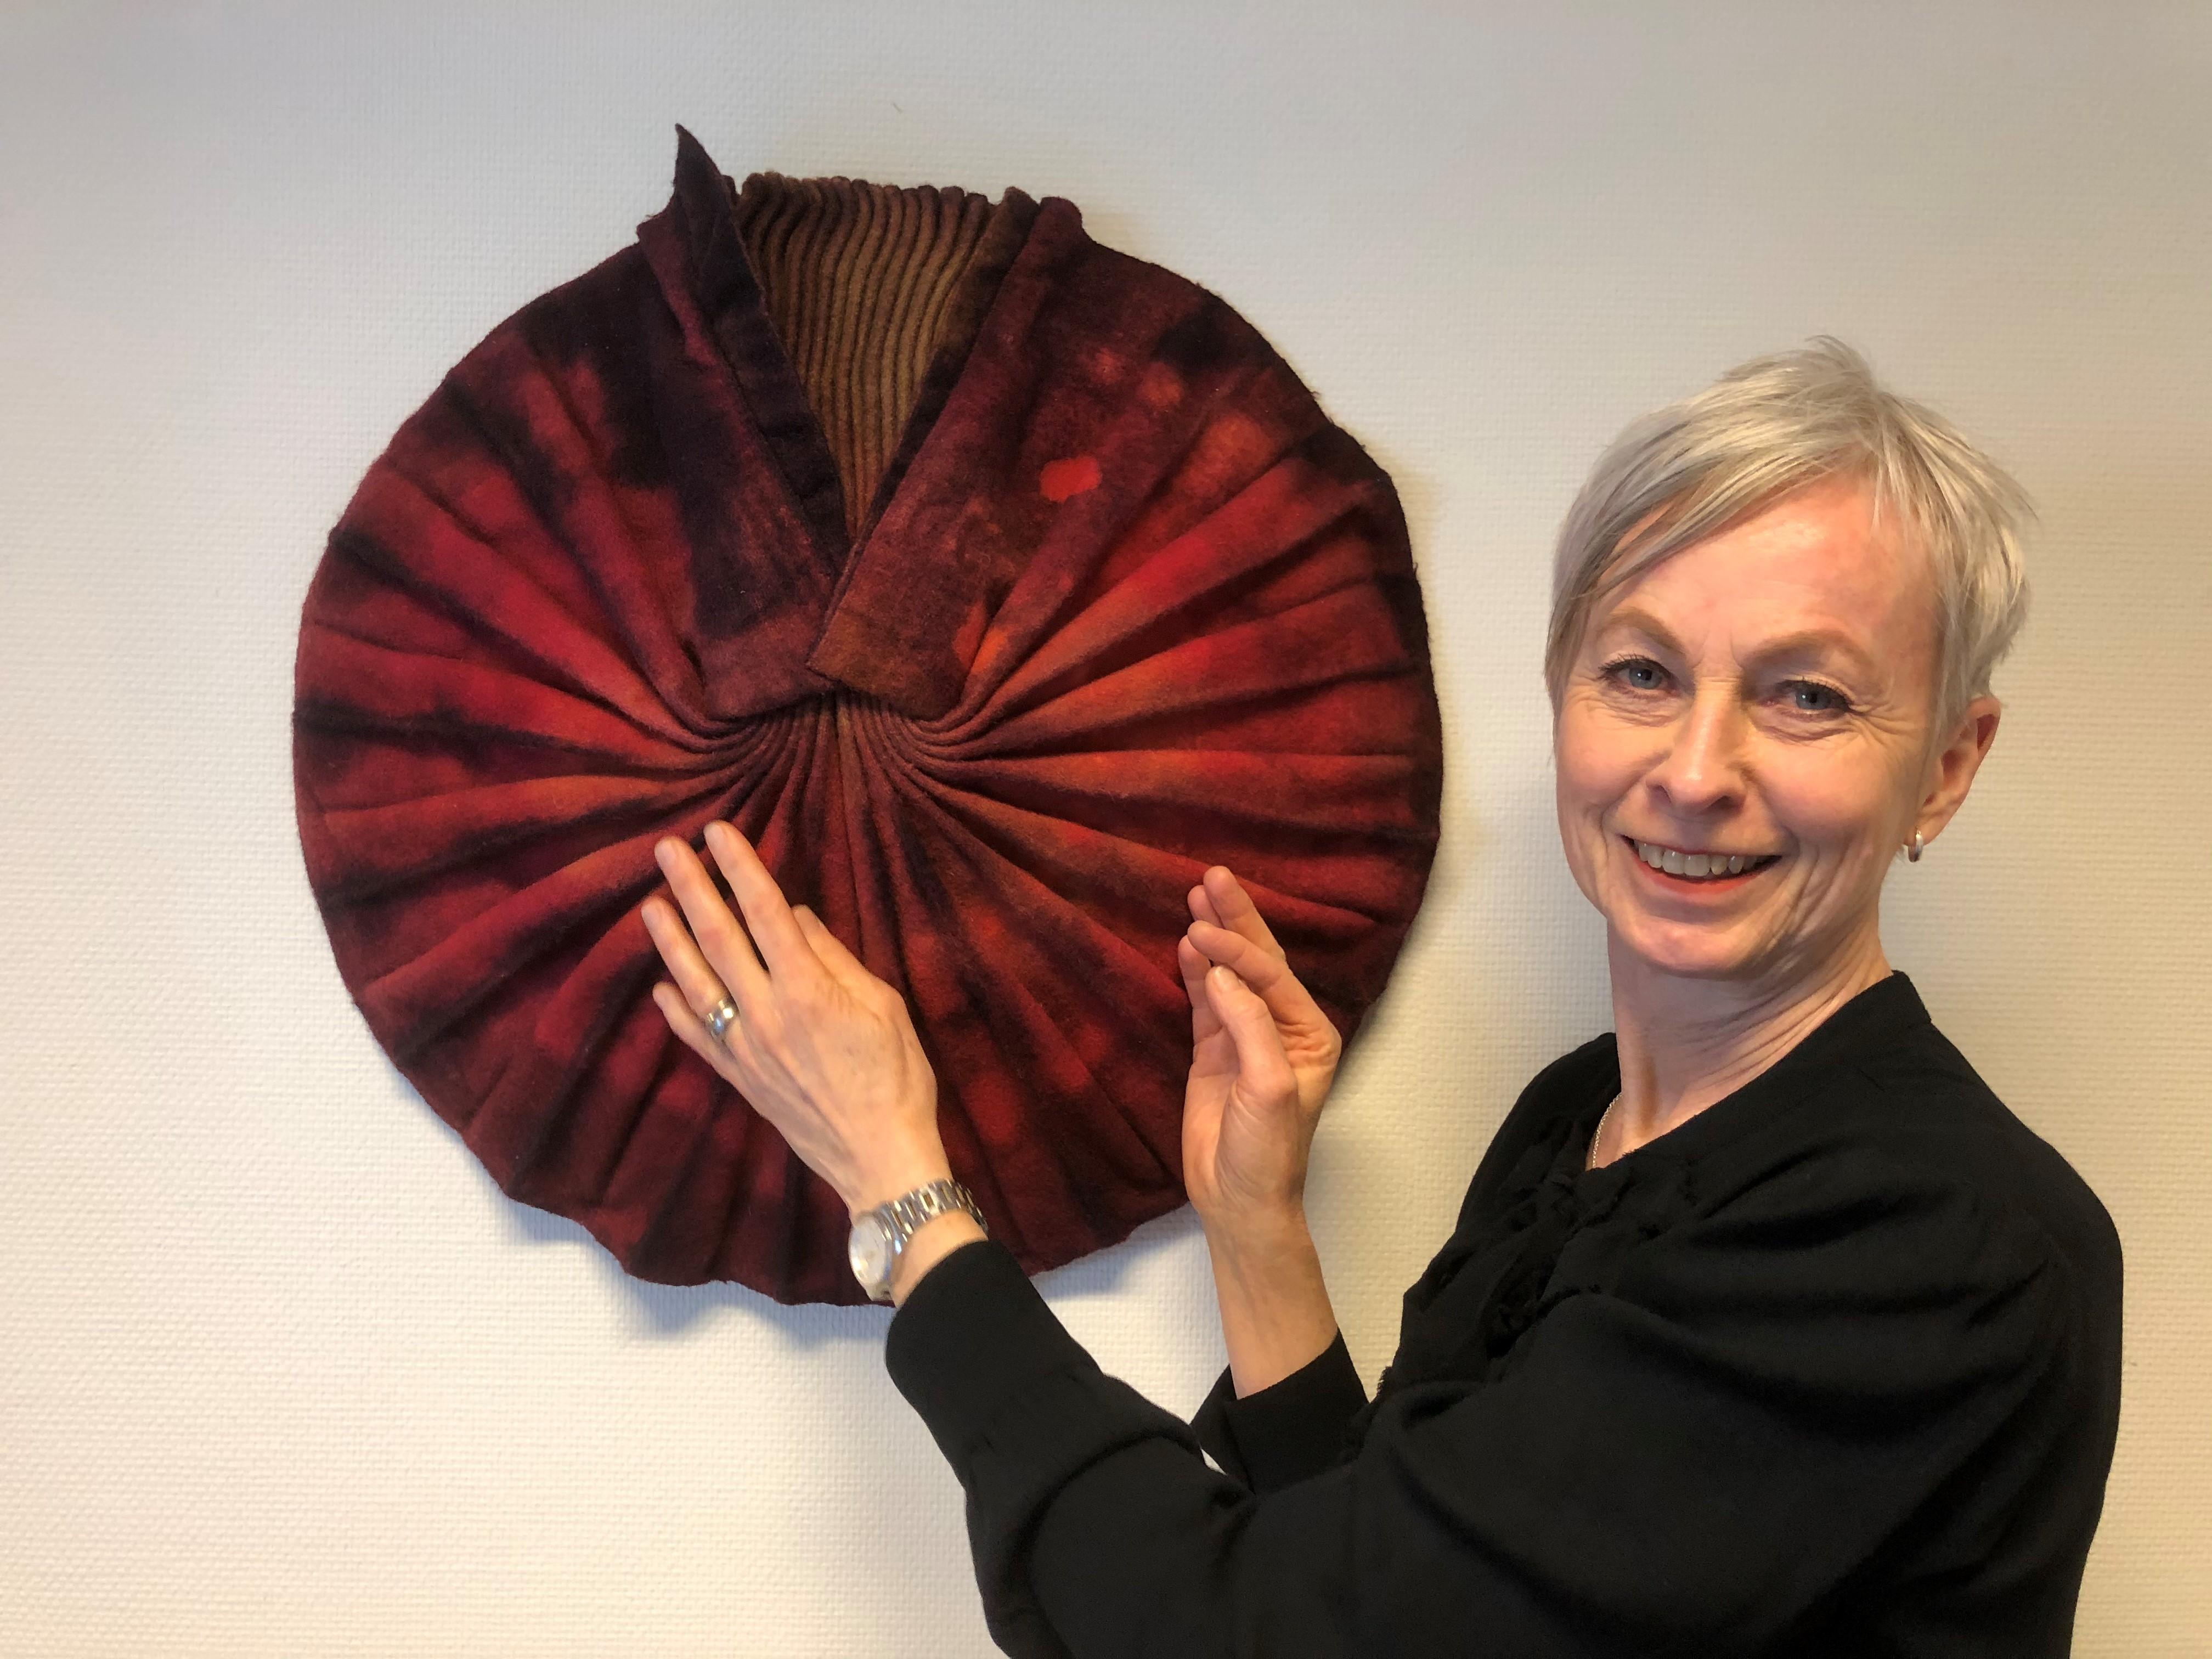 Carina har kortklippt blont hår och posserar framför ett rött taktilt textil konstverk